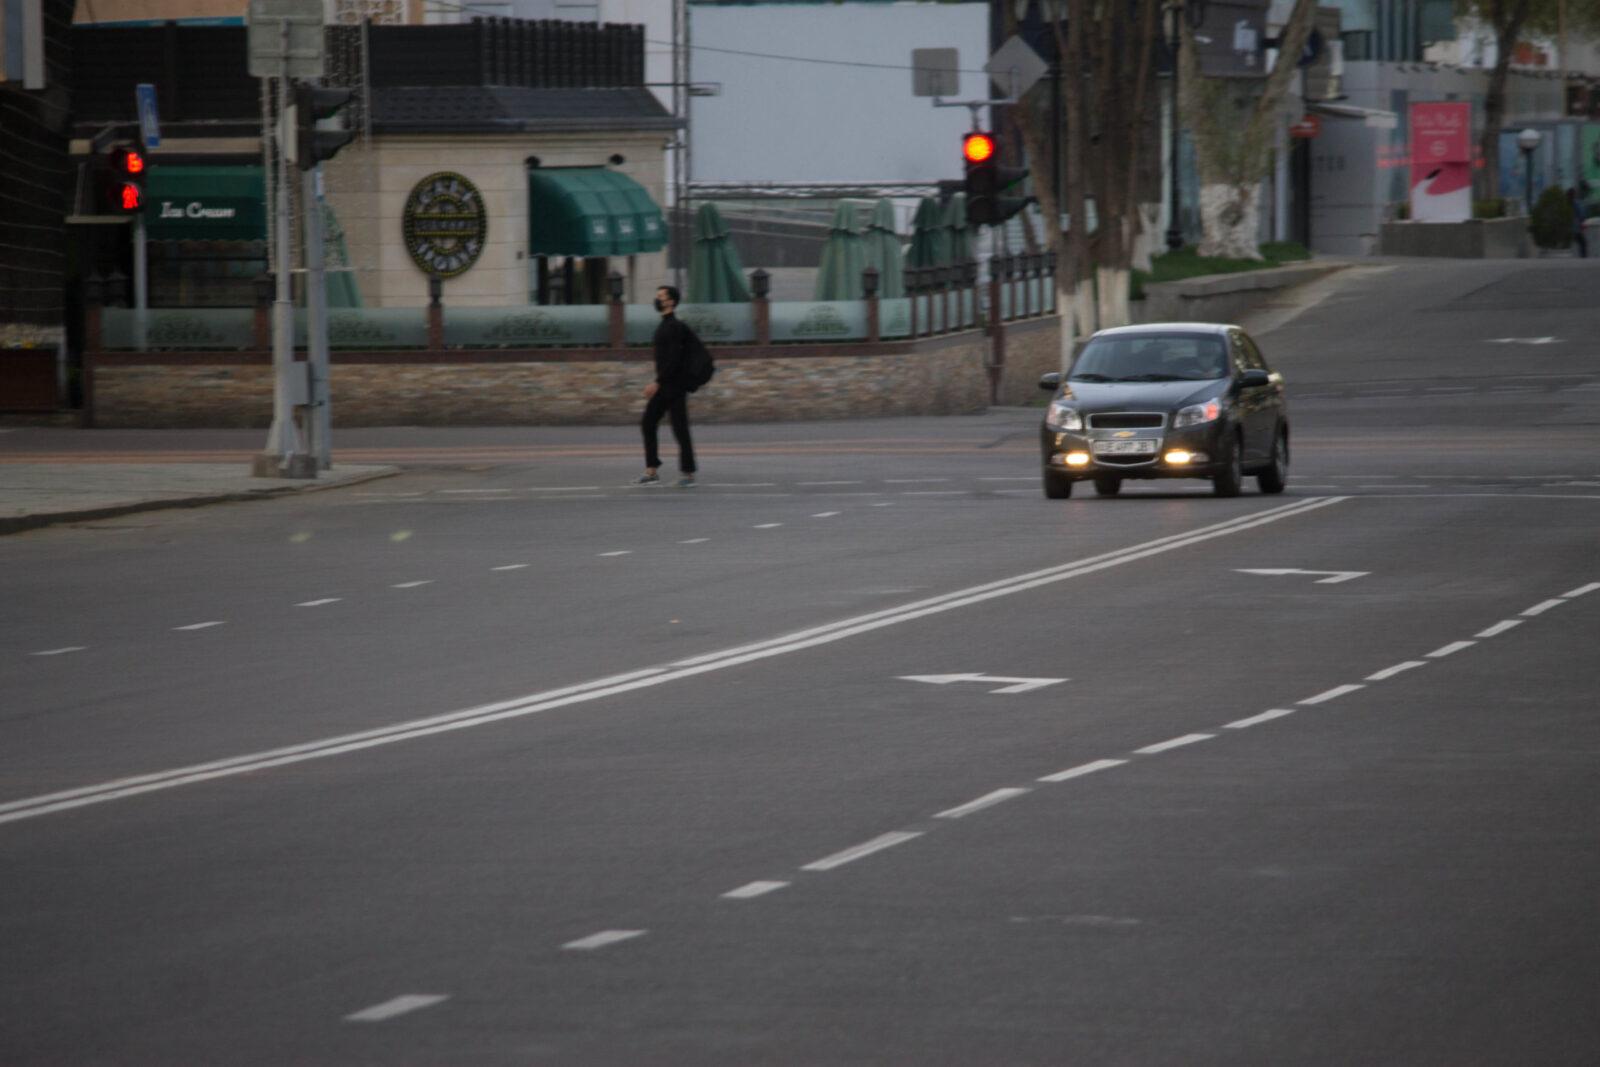 ИИВ қандай ҳолатларда стикерсиз шахсий автомобилдан фойдаланиш мумкинлигига изоҳ берди